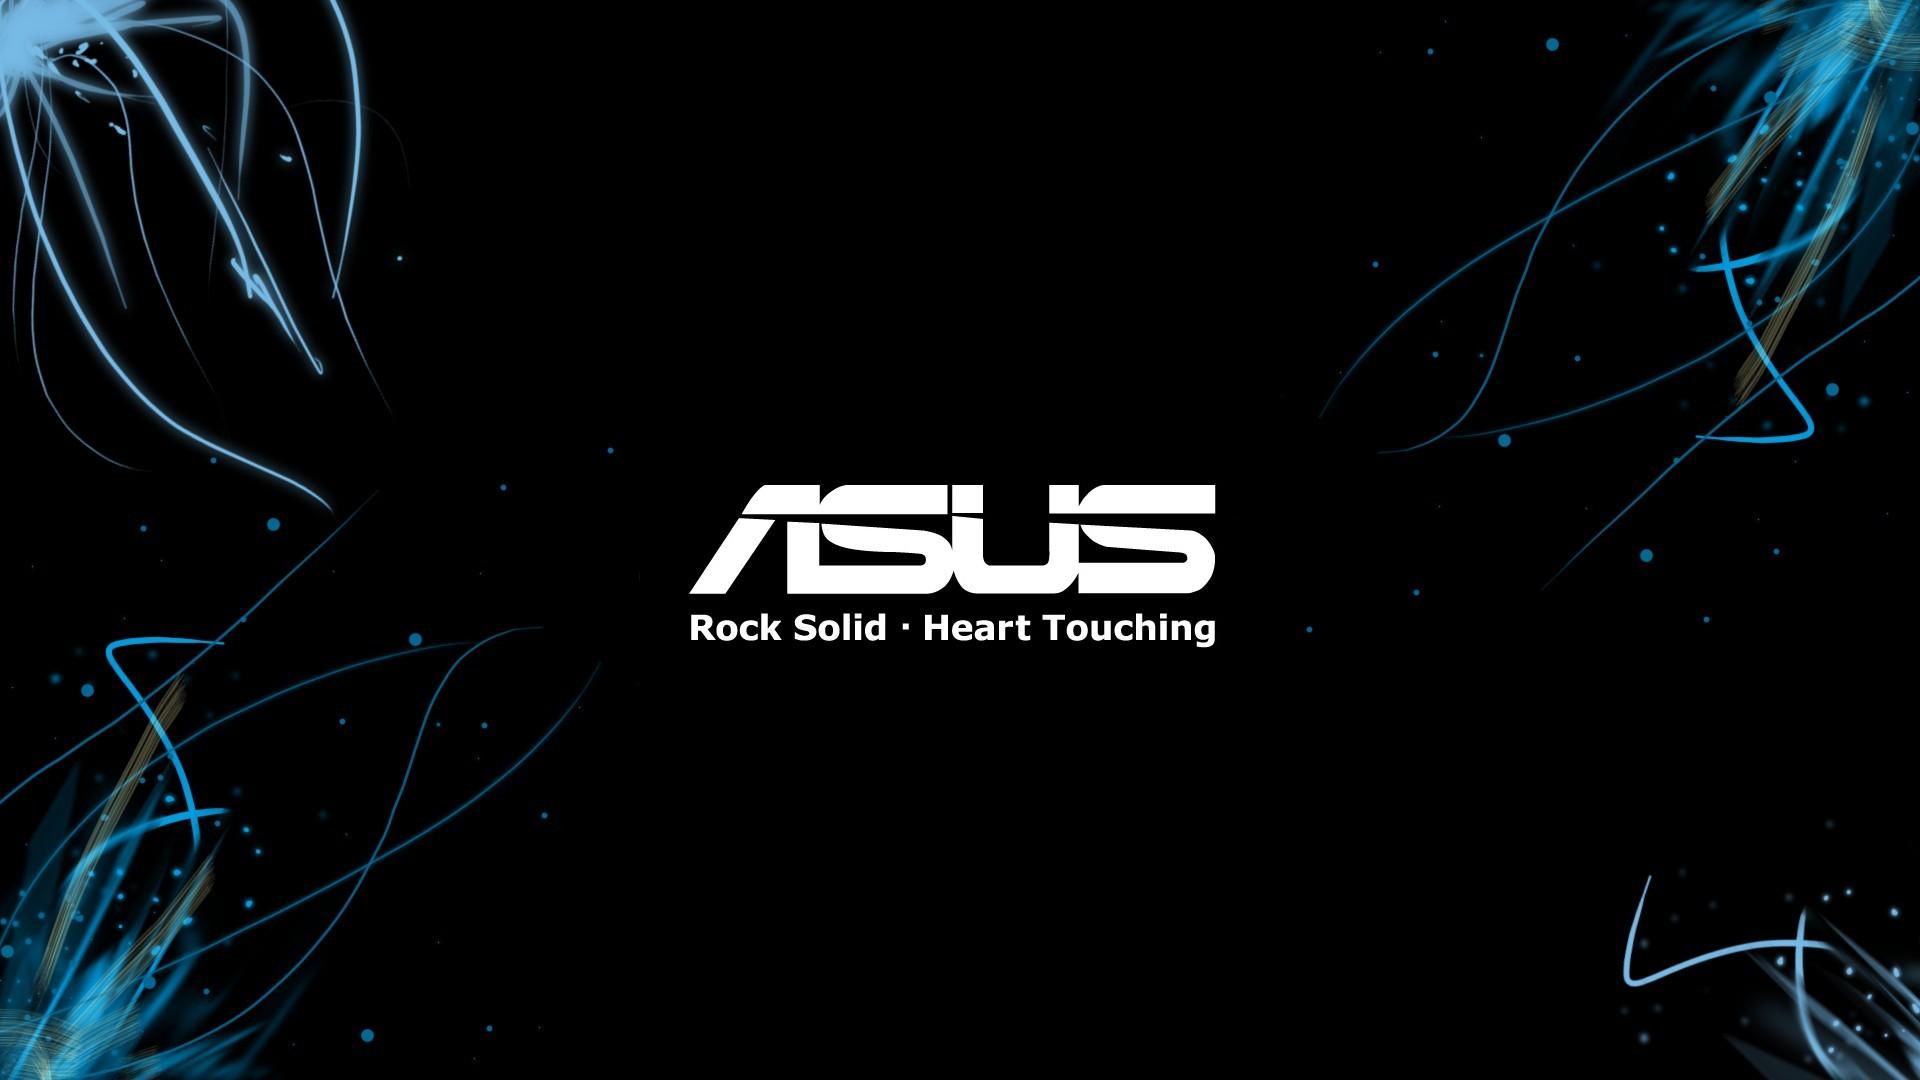 Asus Mobile Wallpaper: ASUS Wallpapers For Desktop